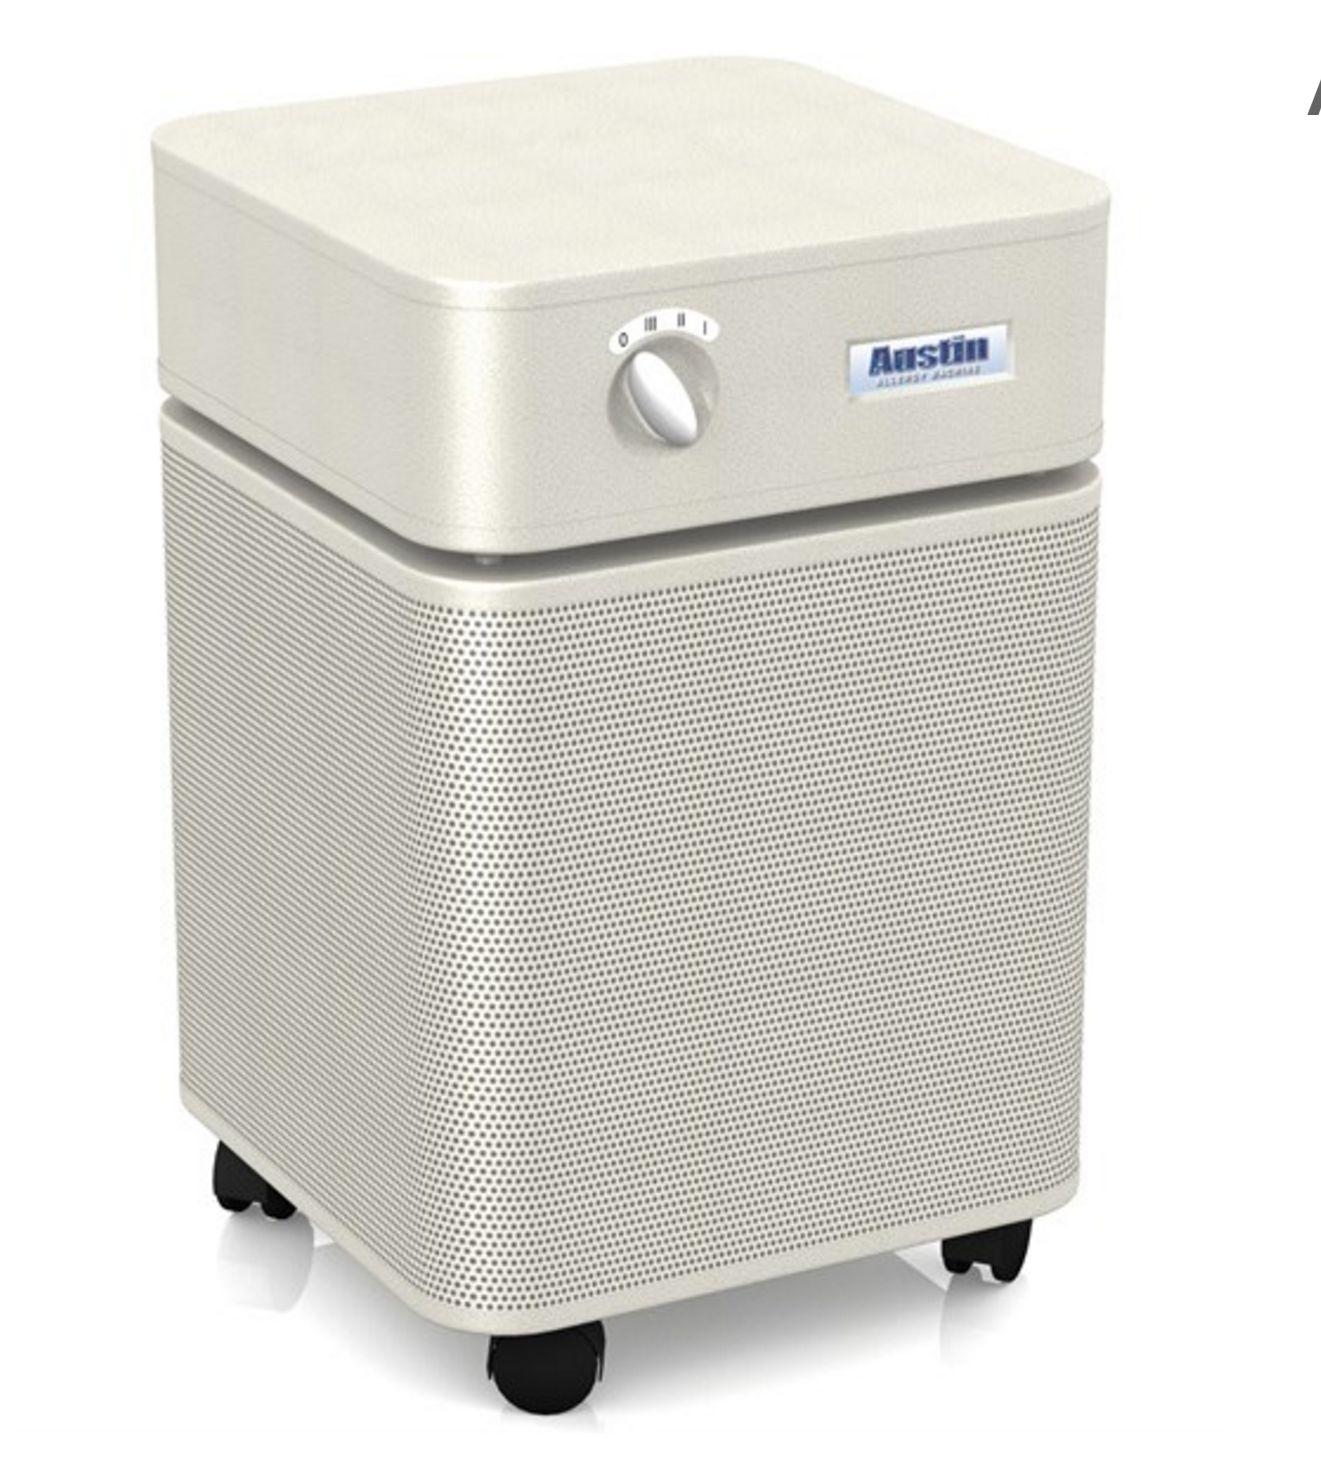 Austin Healthmate Air Purifier Hm 400